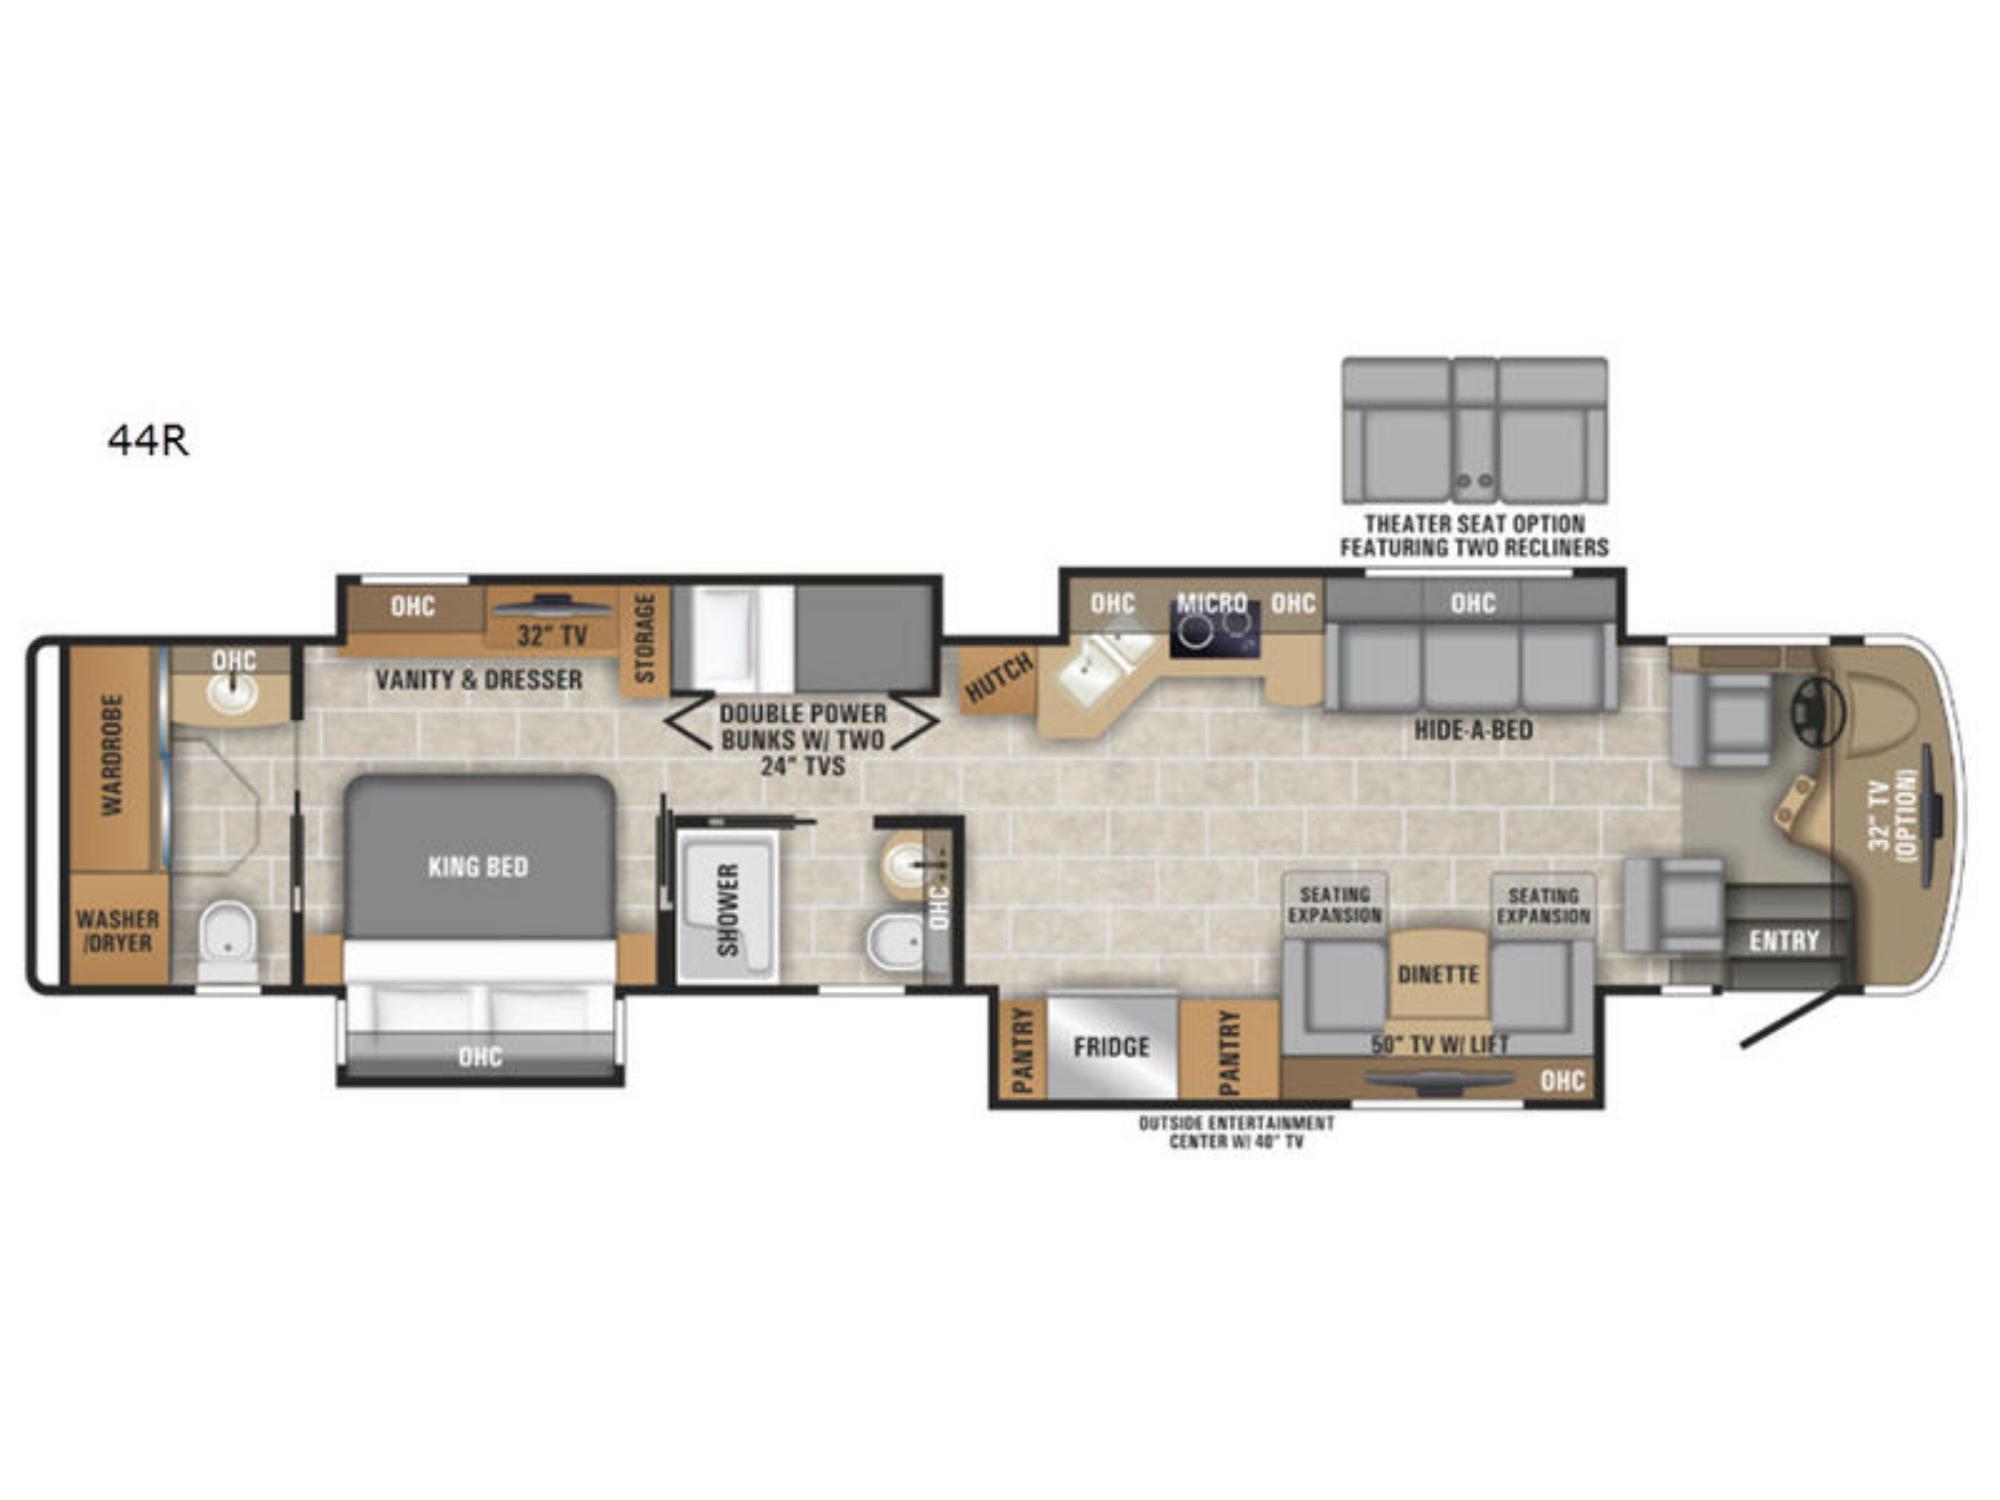 View Floor Plan for 2019 ENTEGRA COACH INSIGNIA 44R